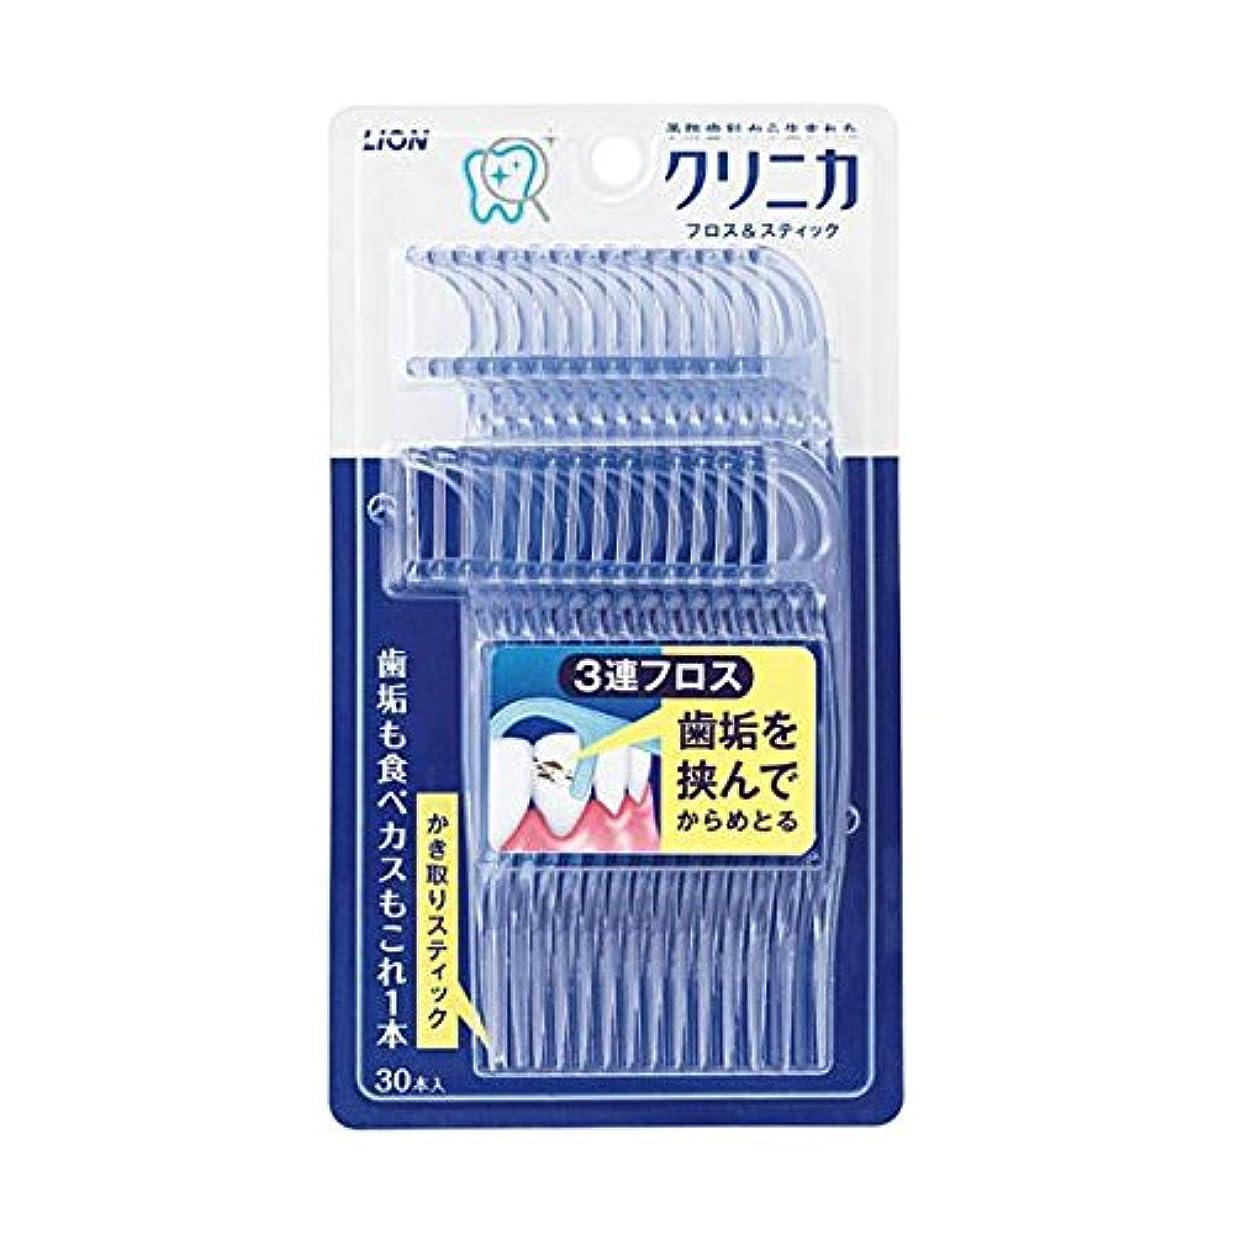 汚す苦しめるルーチン【ライオン】クリニカ フロス&スティック 30本 ×8個セット